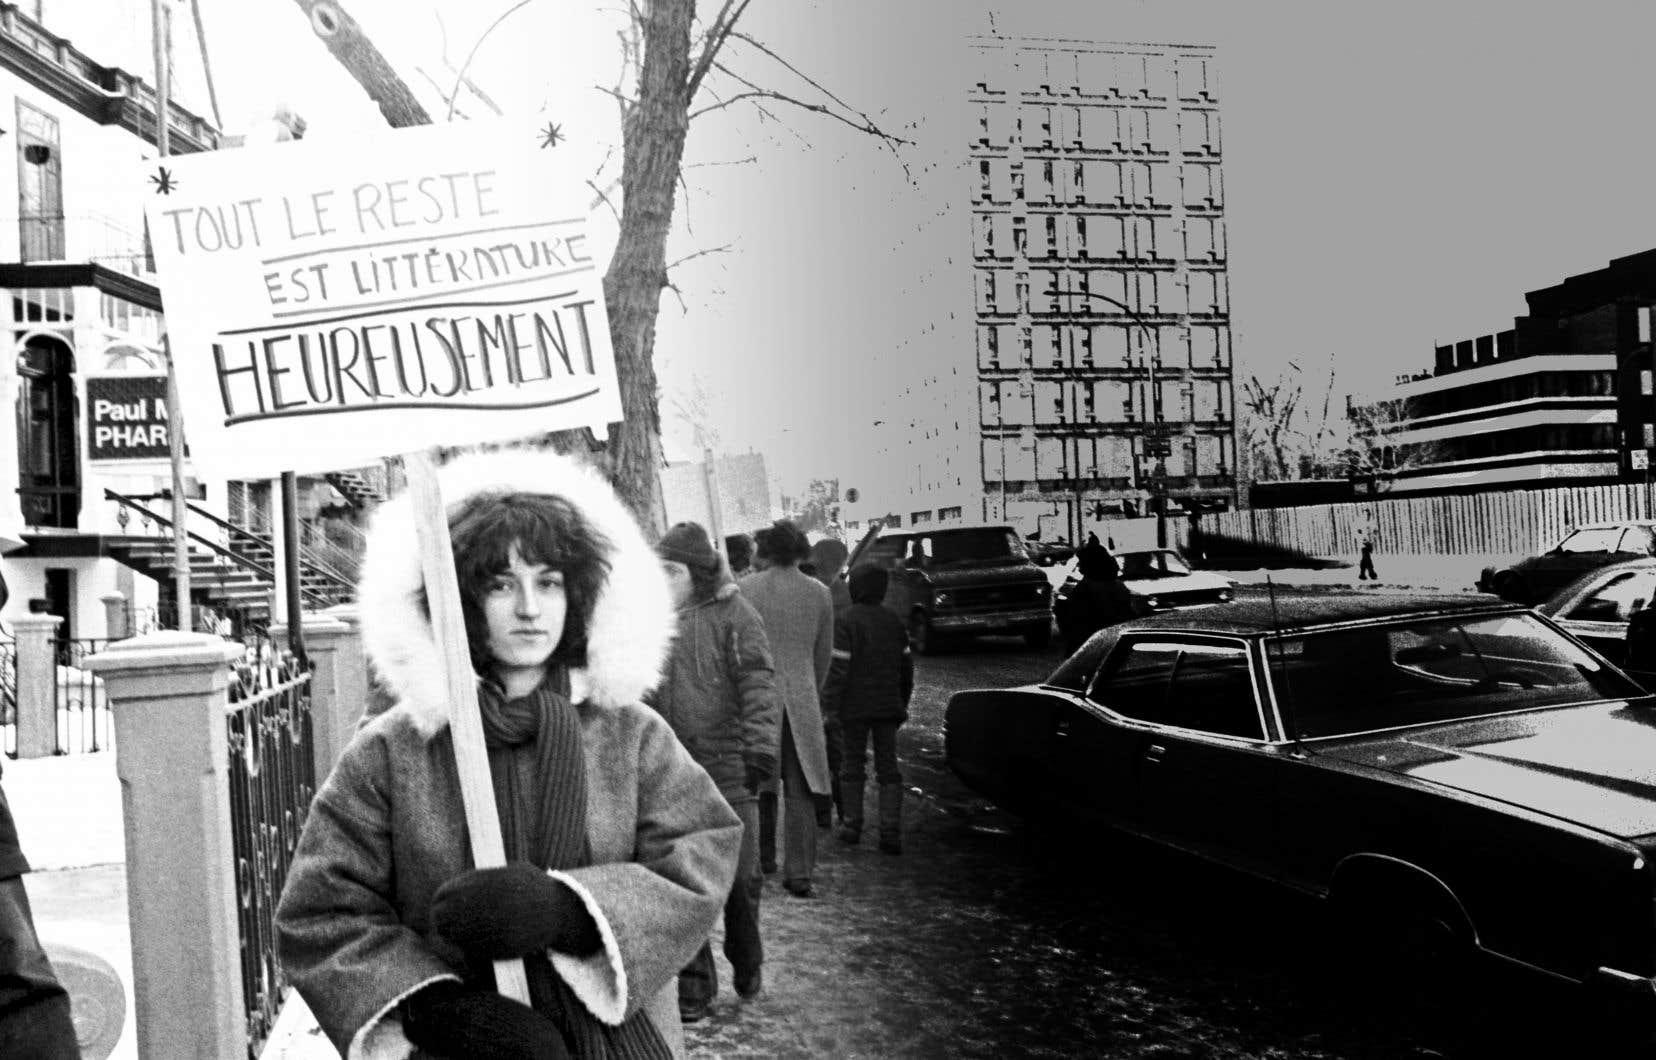 Le 31janvier 1980, rue Sherbrooke, Louise Anaouïl, alors jeune auteure, brandit sa pancarte pour dénoncer le mépris des éditeurs de livres.